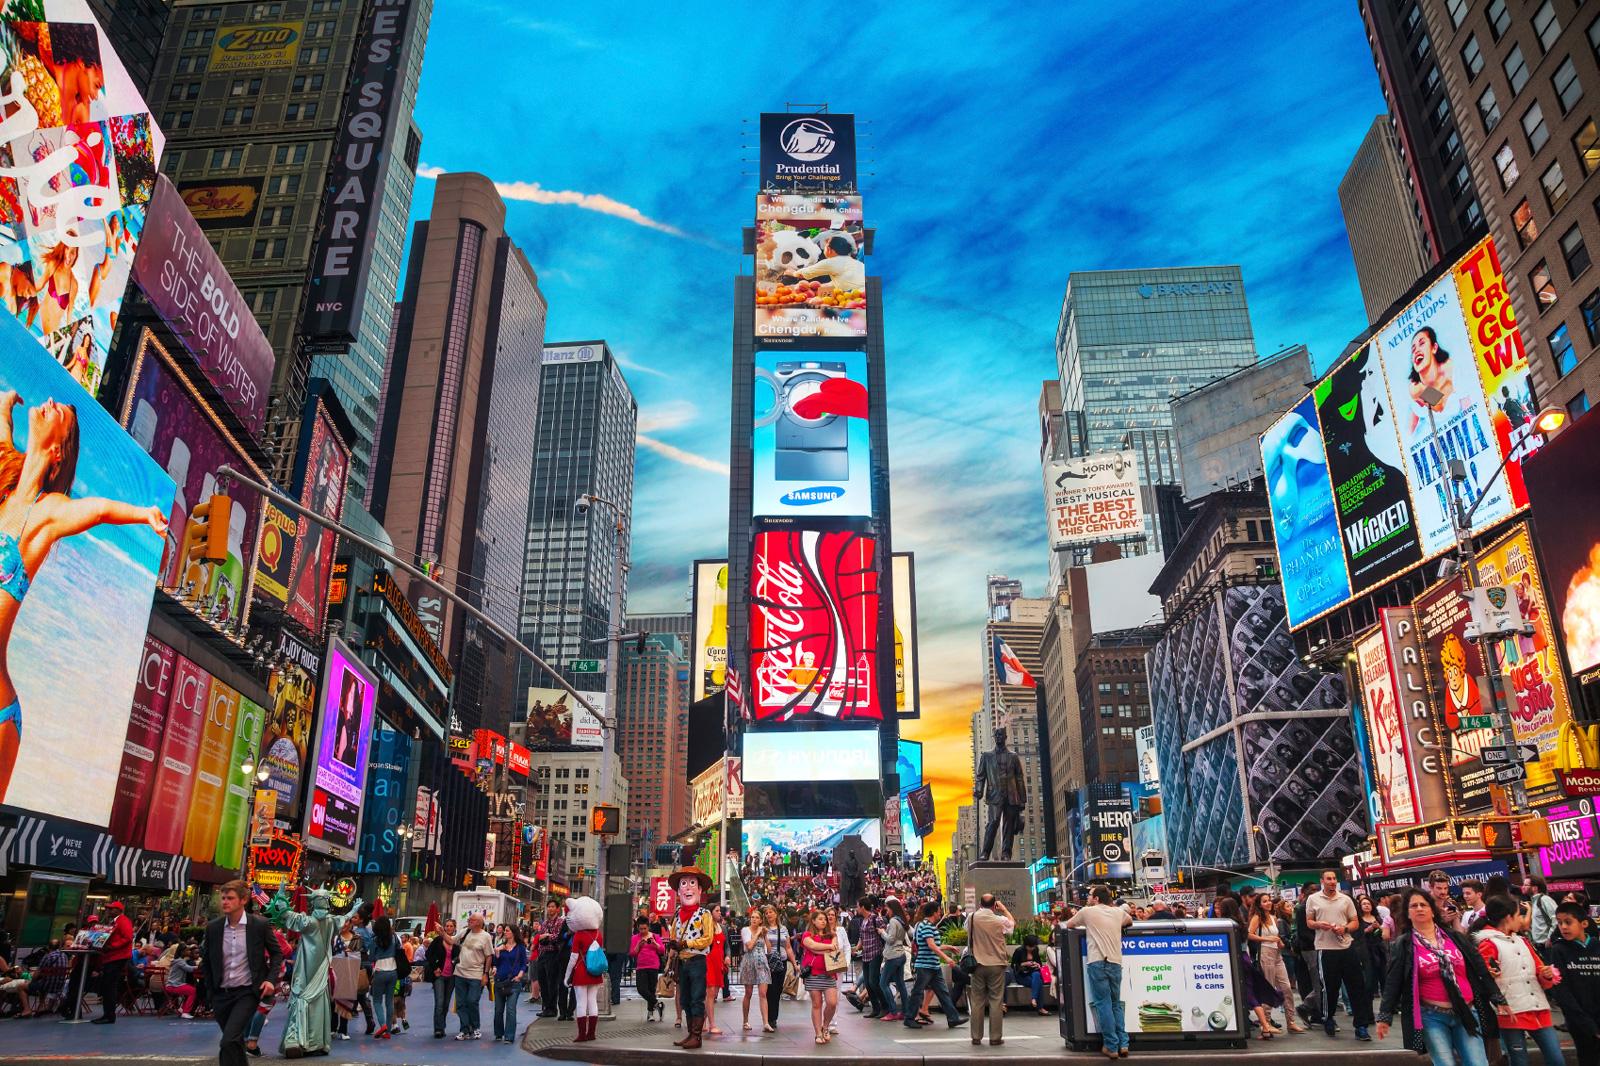 多国籍のニューヨークは毎日が刺激的